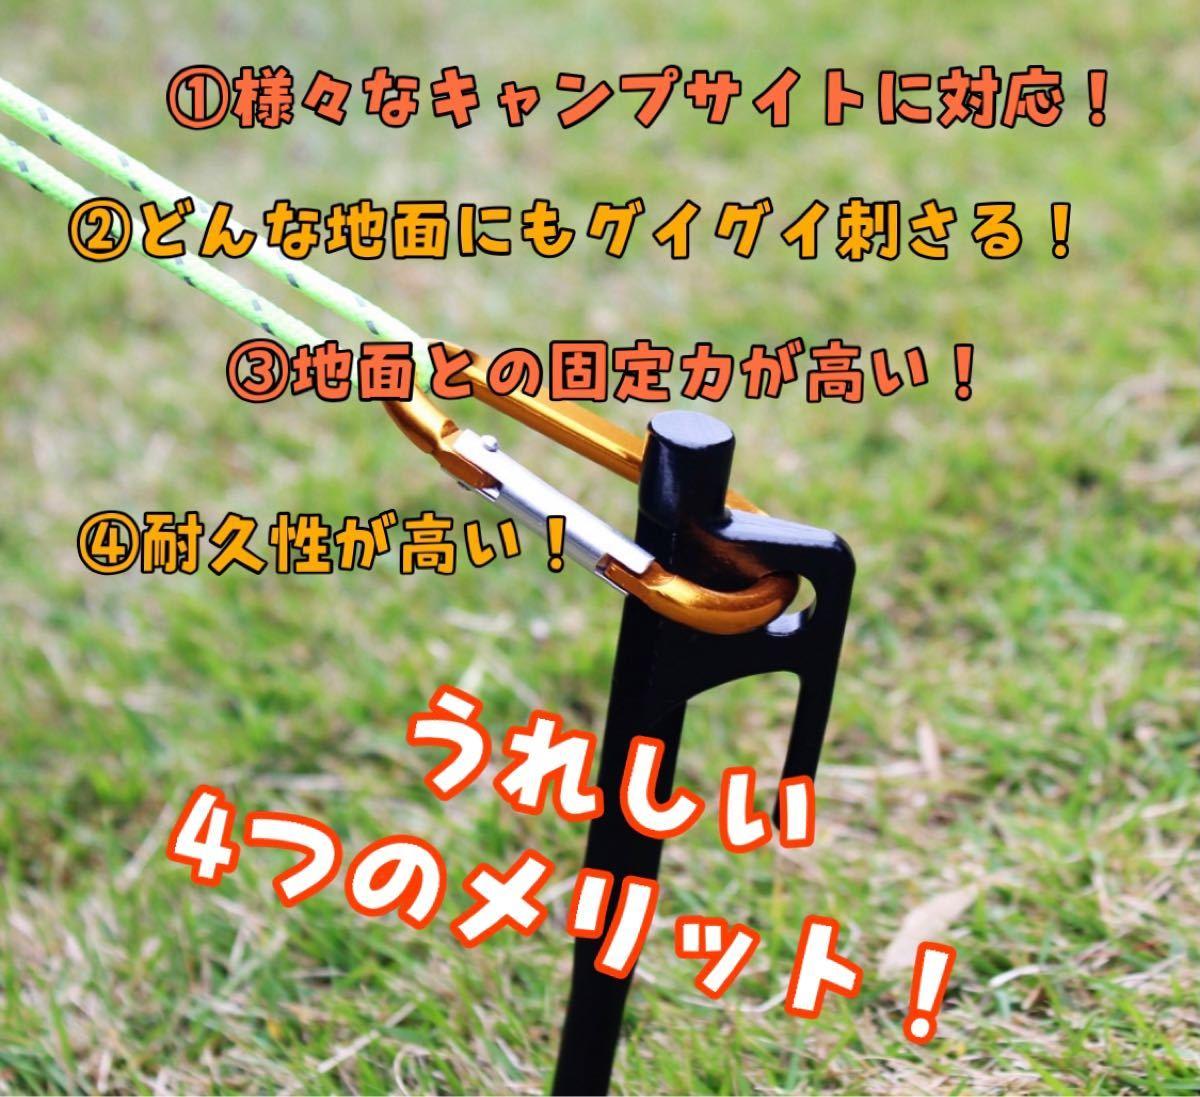 ペグ 20cm 8本set キャンプ アウトドア